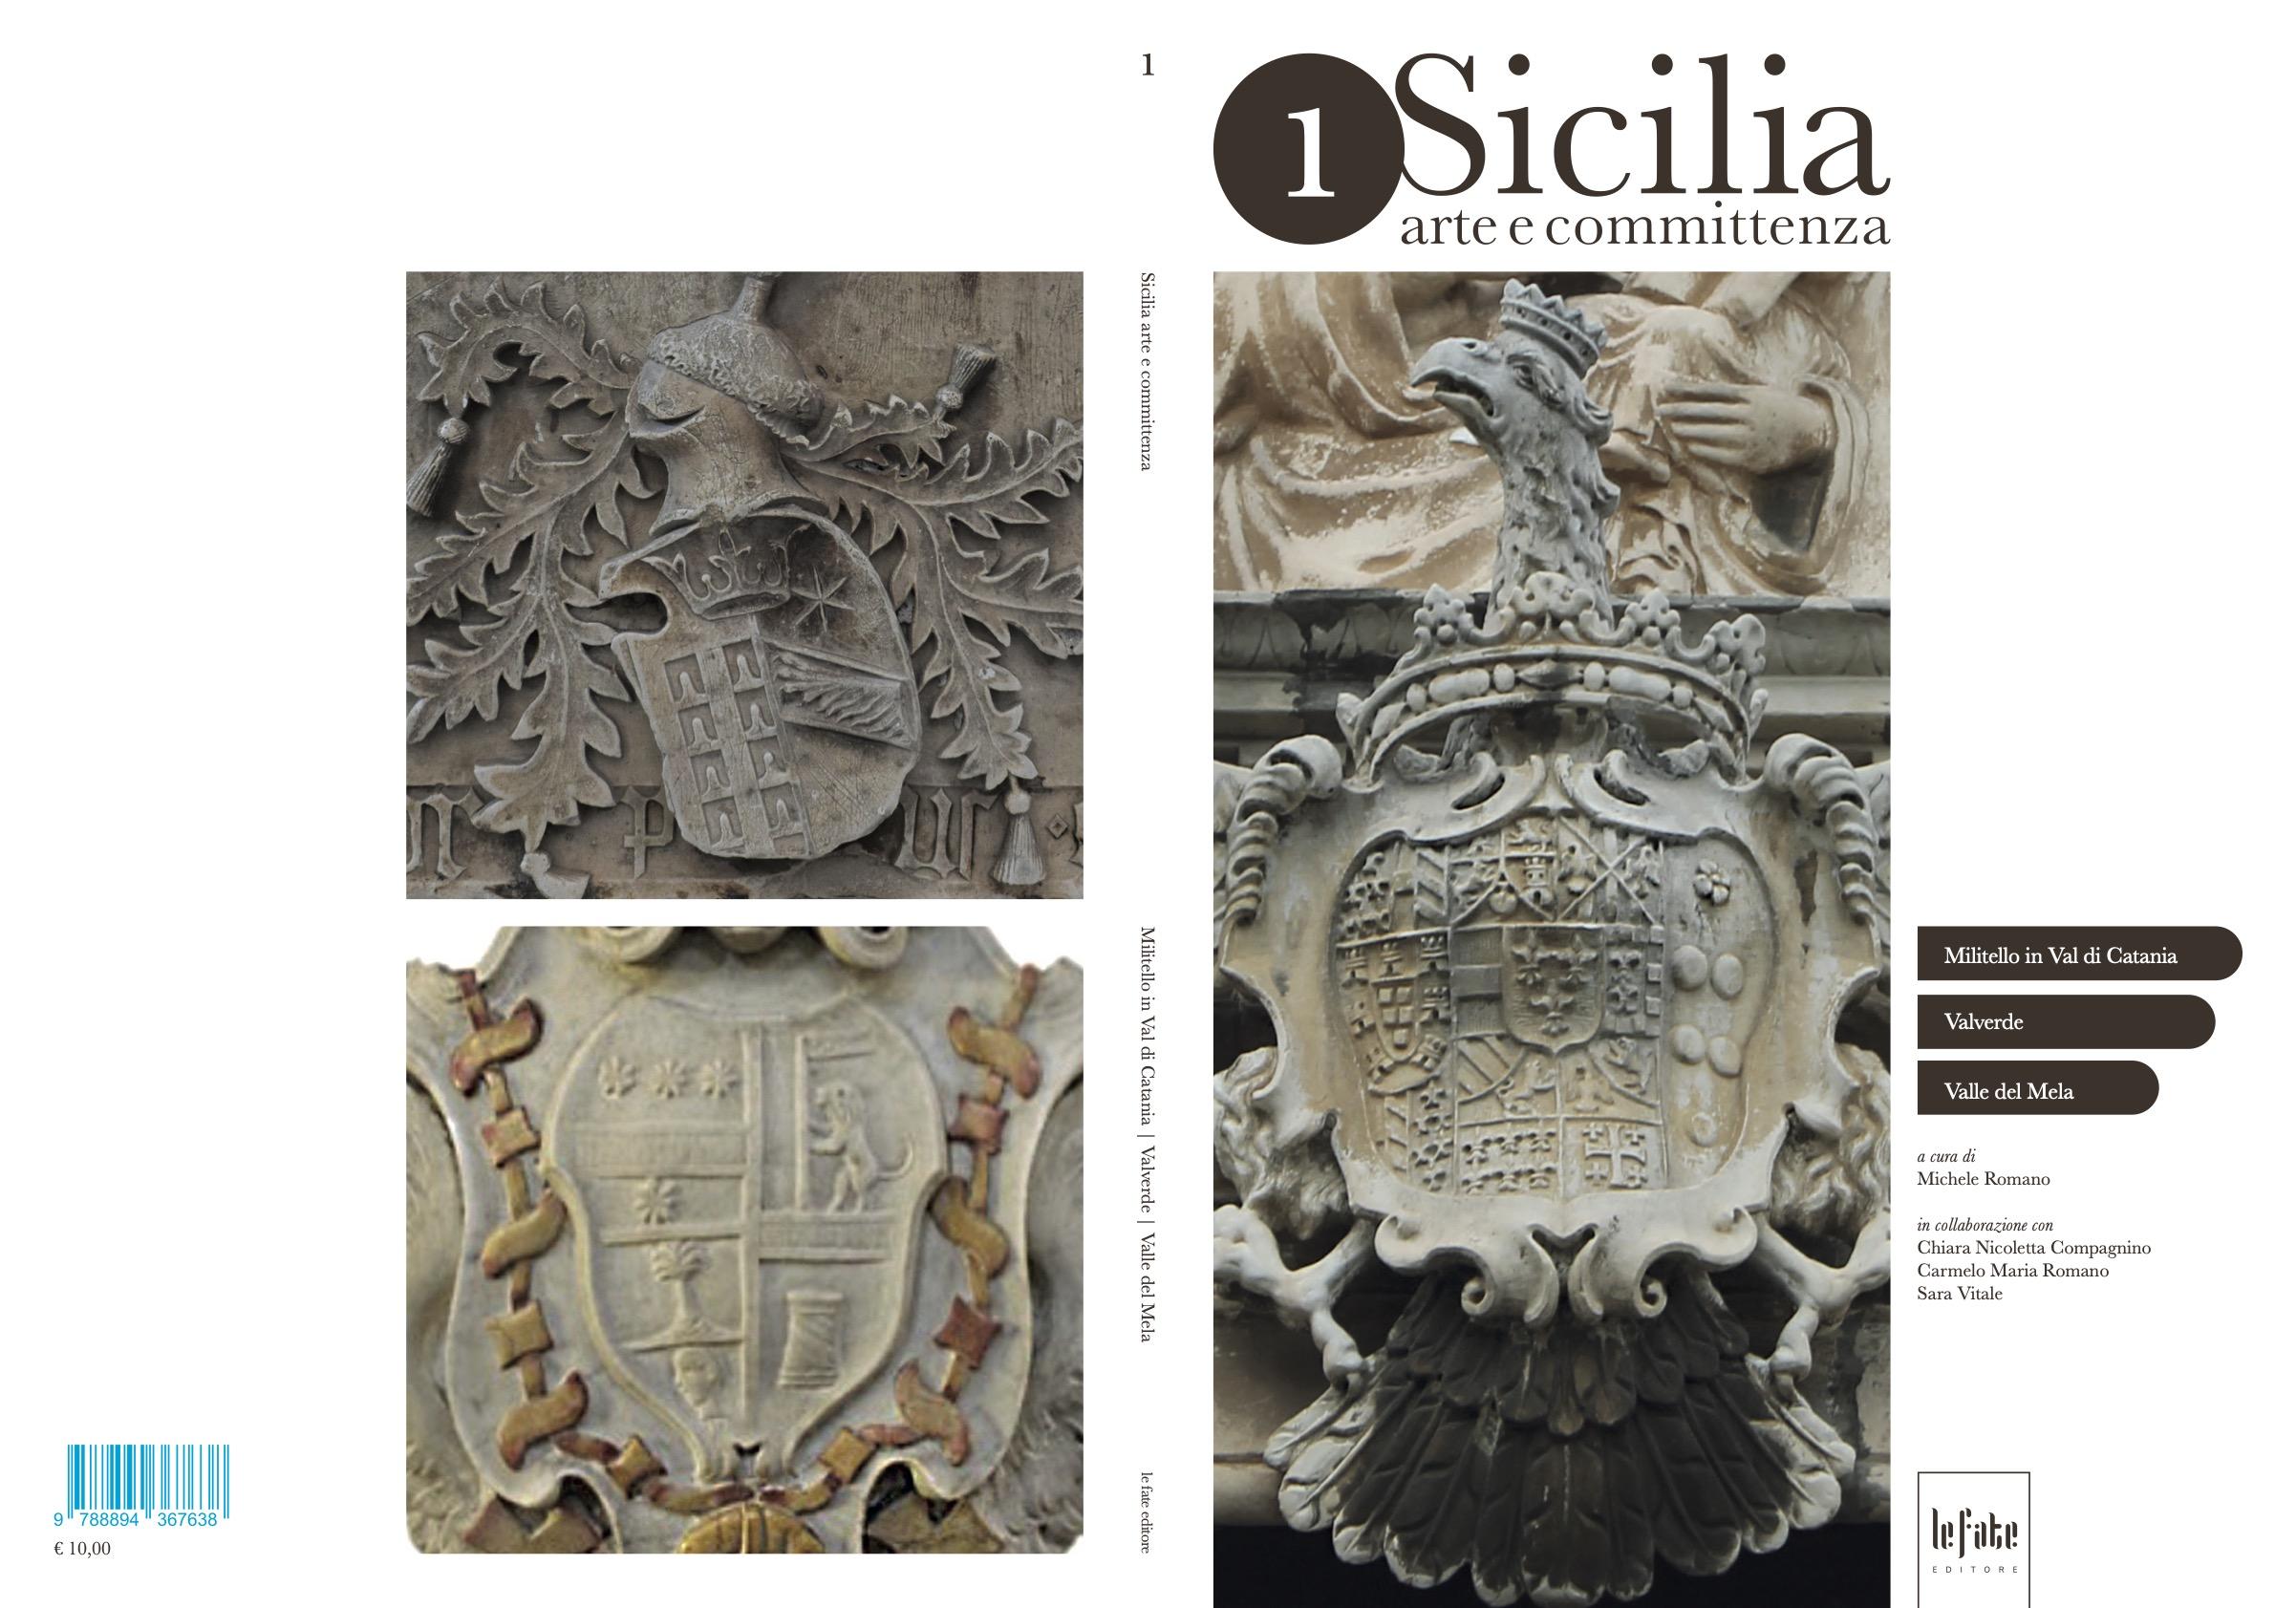 Sicilia Arte e committente (1)